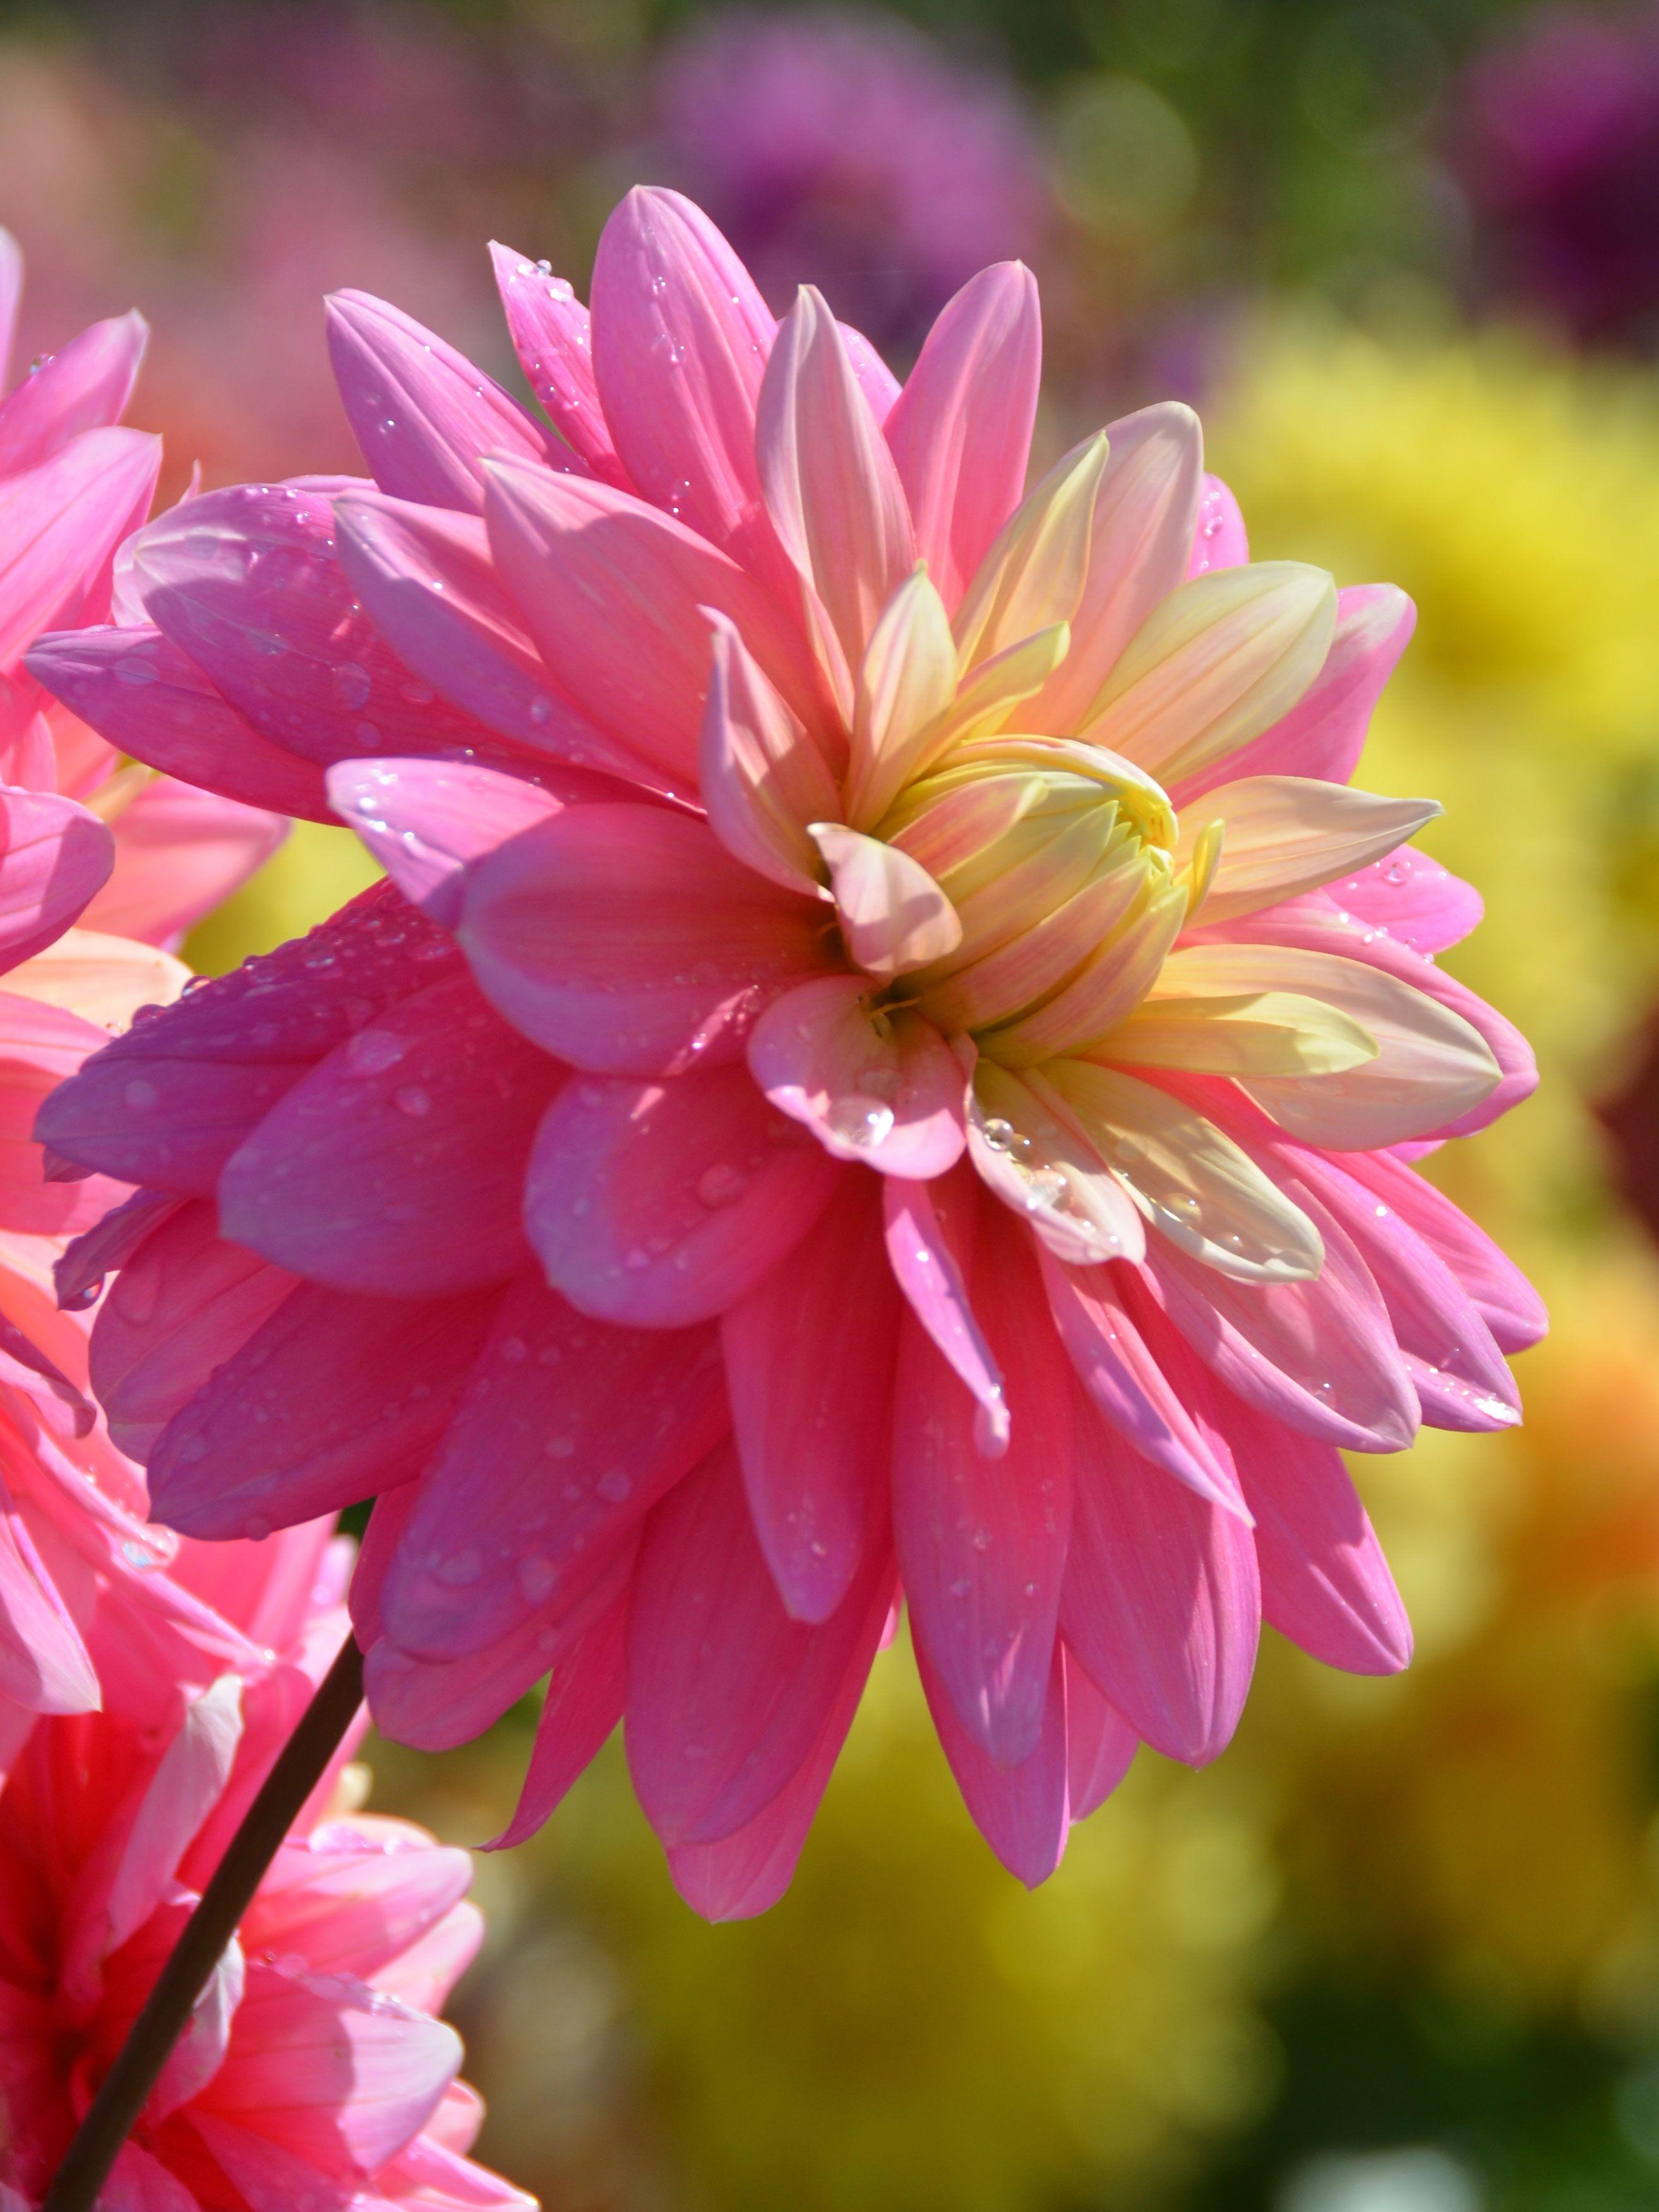 Dahlia Decoratif Bel Amour Label Rouge Dahlia Fleur Rose Bel